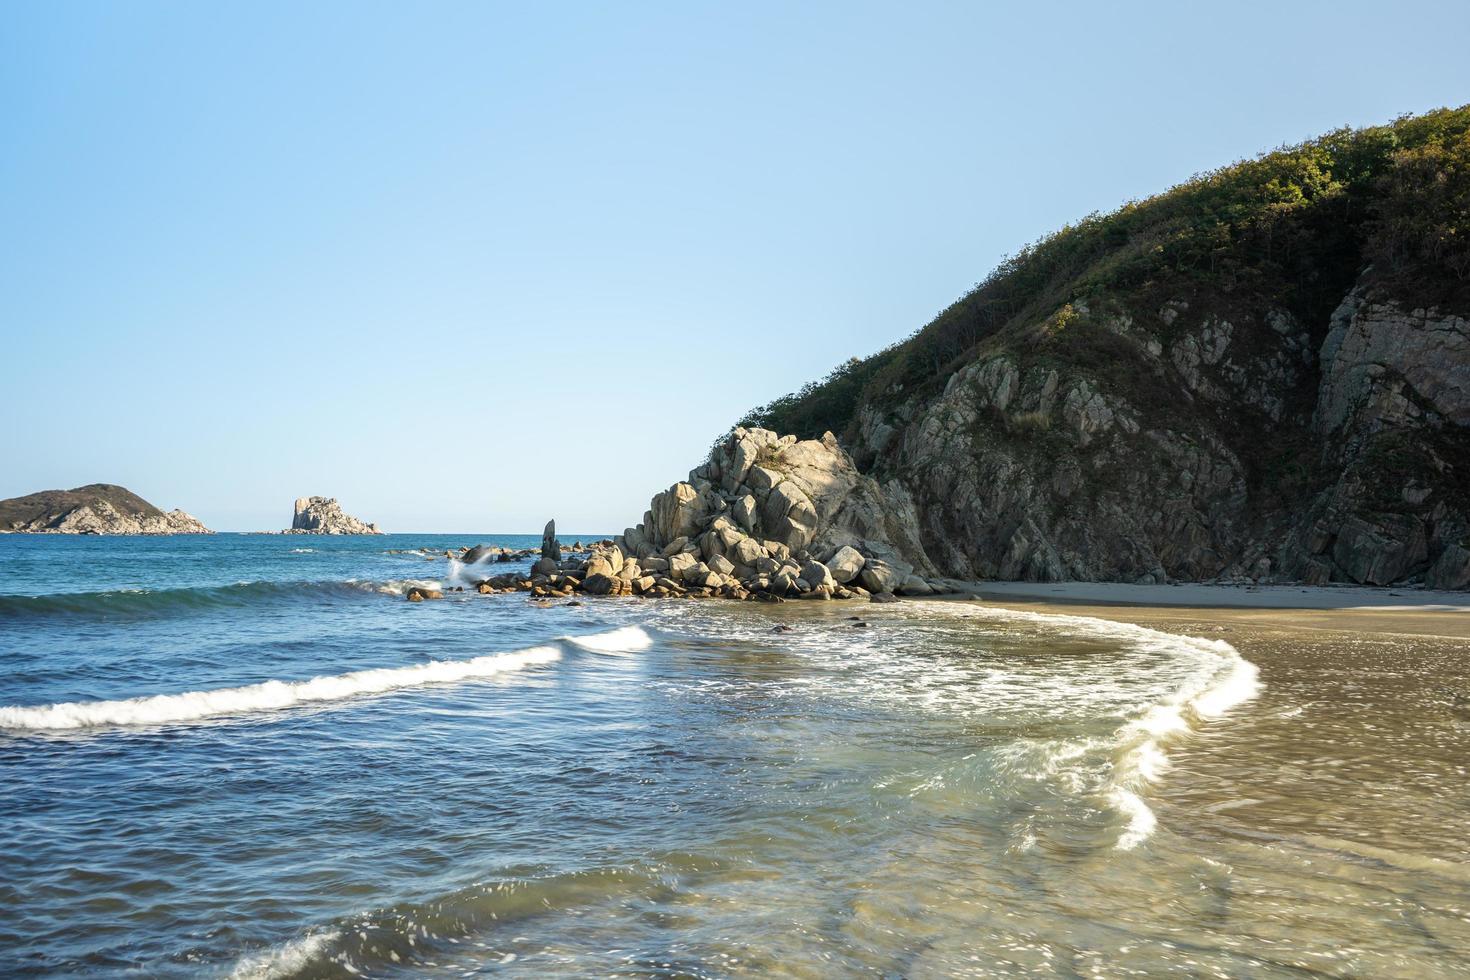 vista sul mare con una vista di bellissime rocce. foto